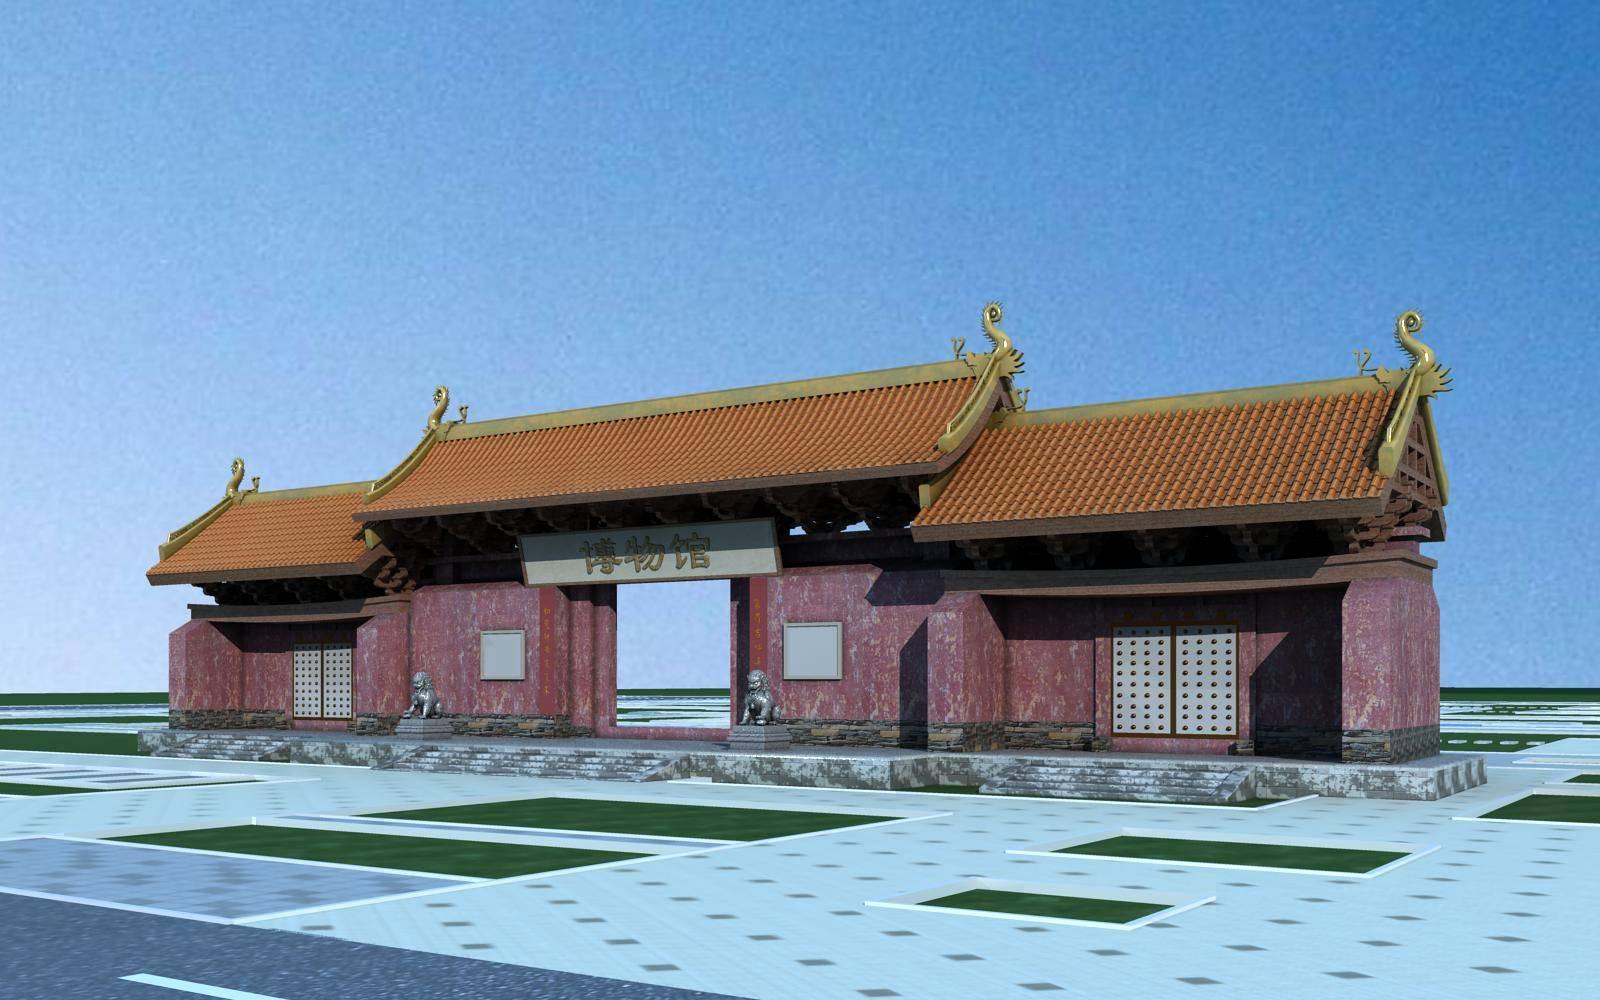 中式入口处